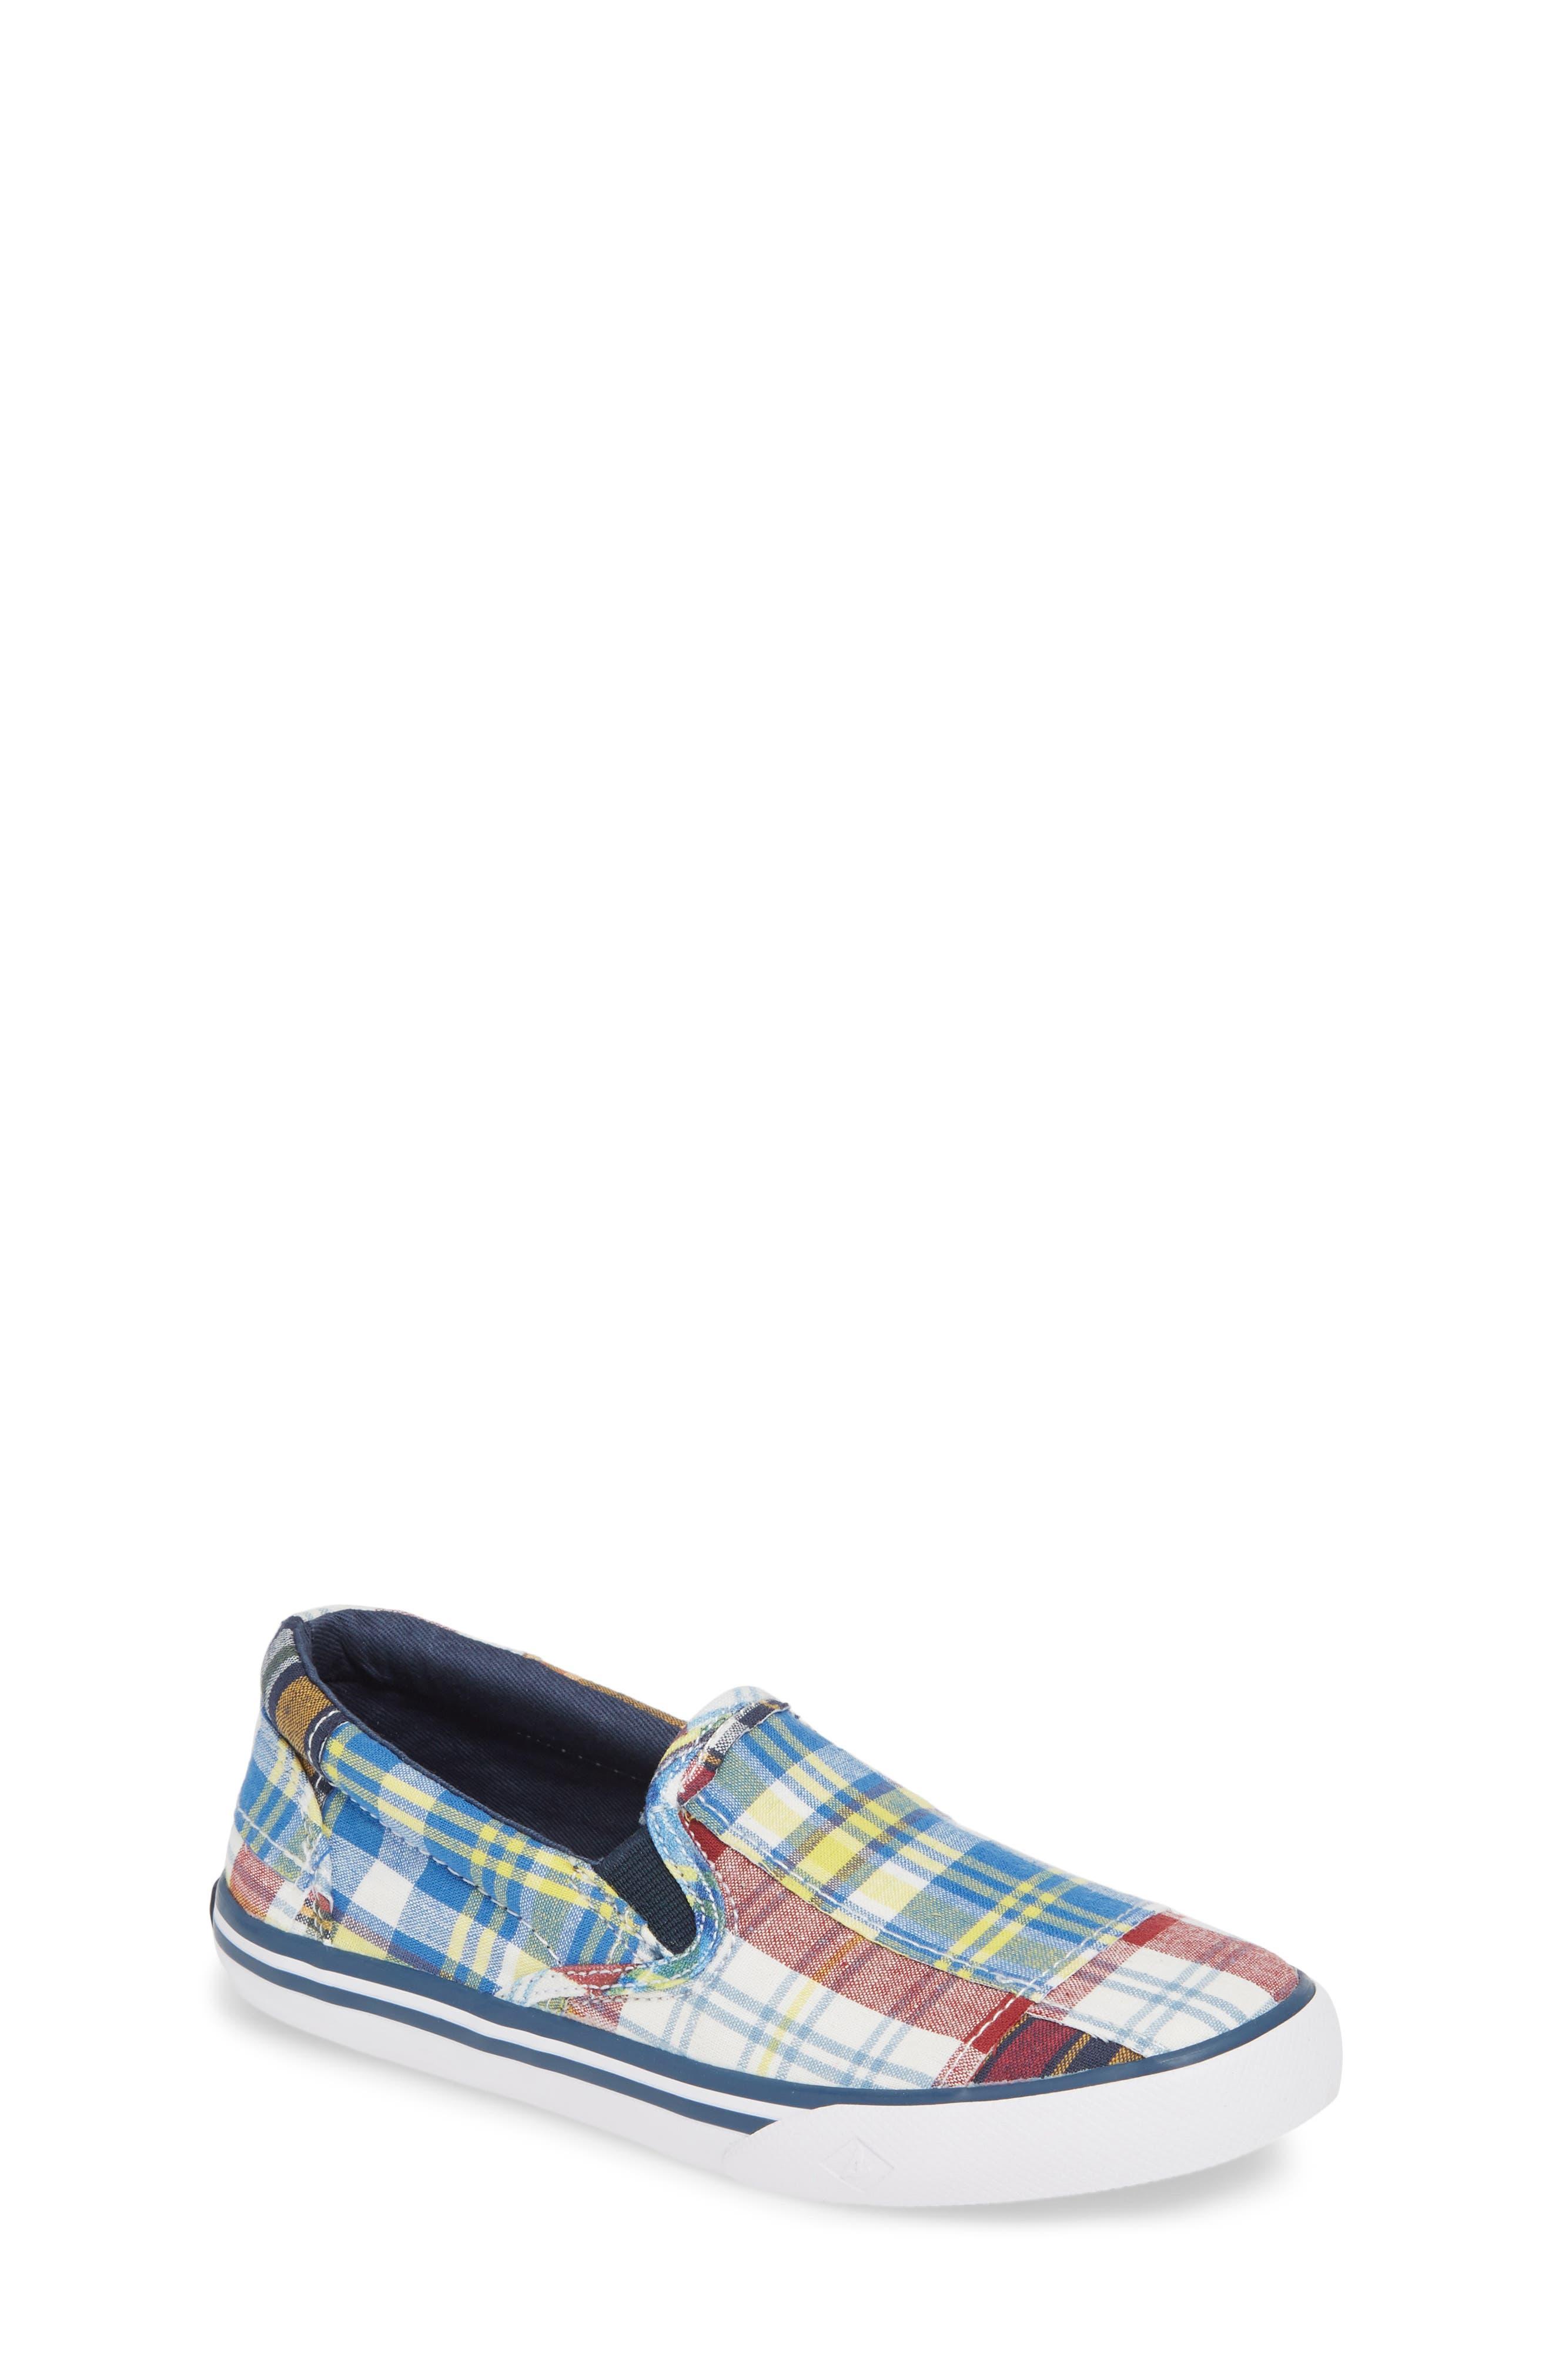 Sperry Kids Striper Ii Slip-On Sneaker